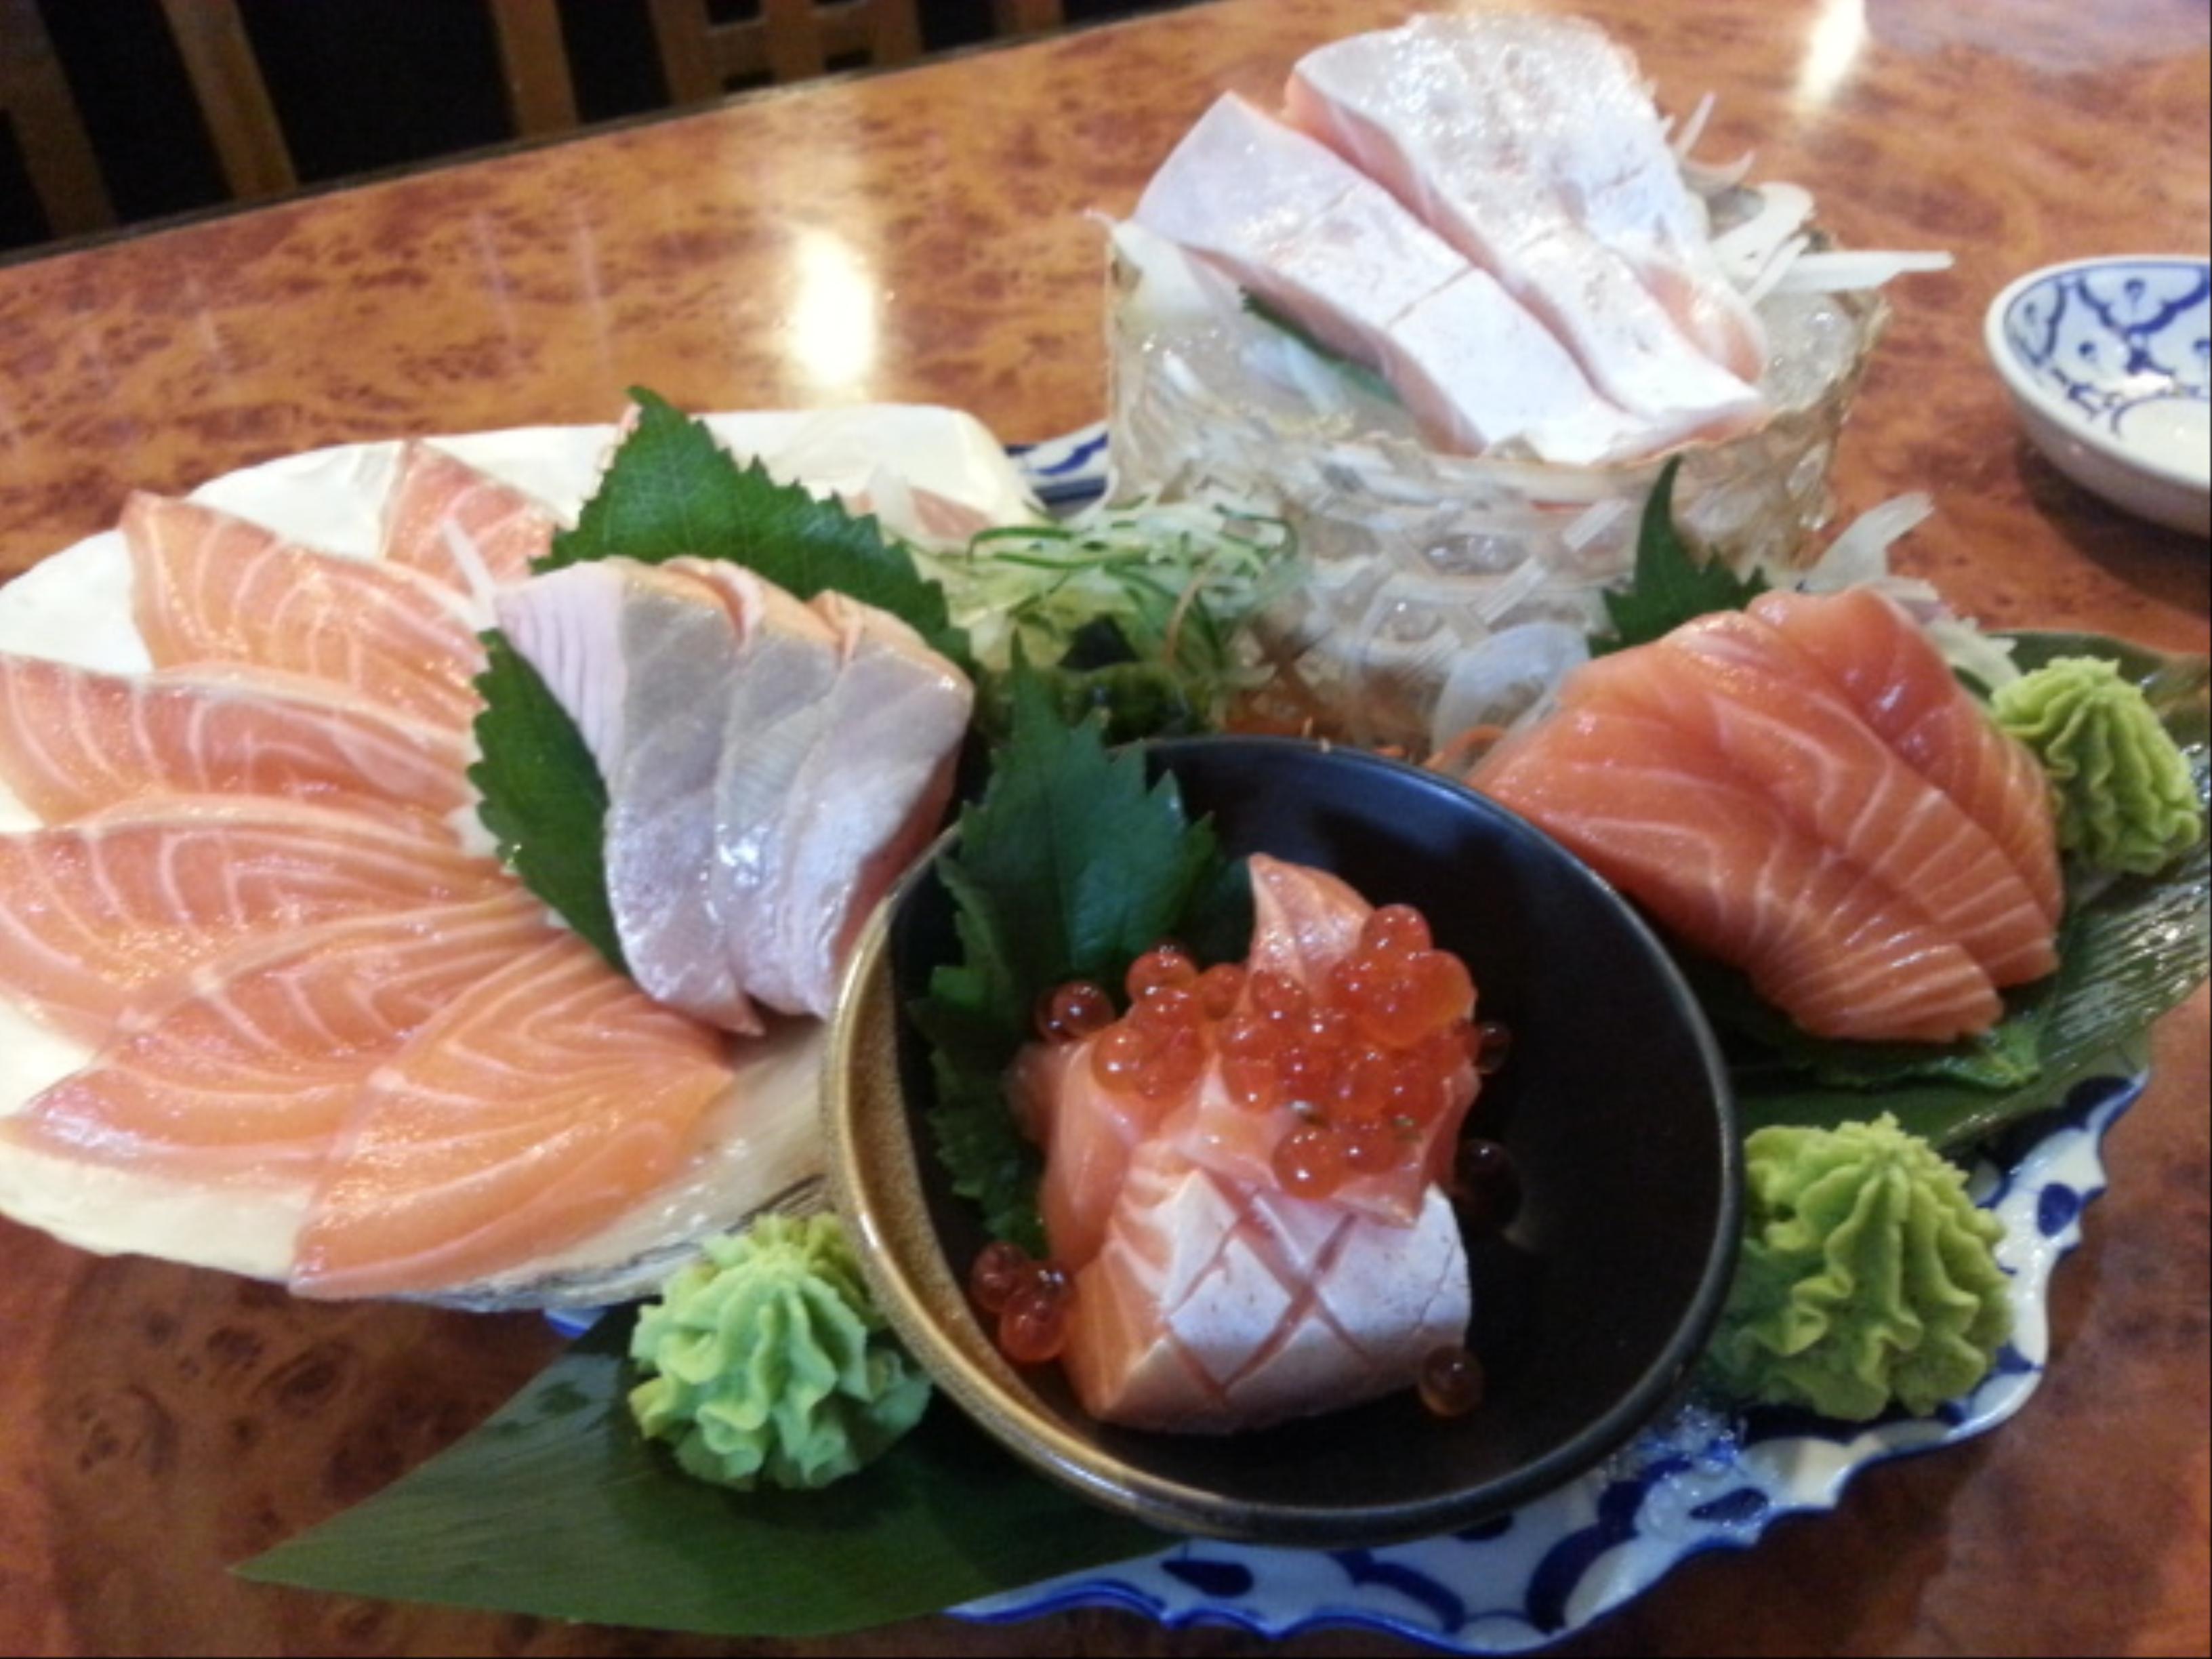 ปลาแซลมอน5ส่วน เมนูเด็ดที่ทุกโต๊ะต้องสั่ง